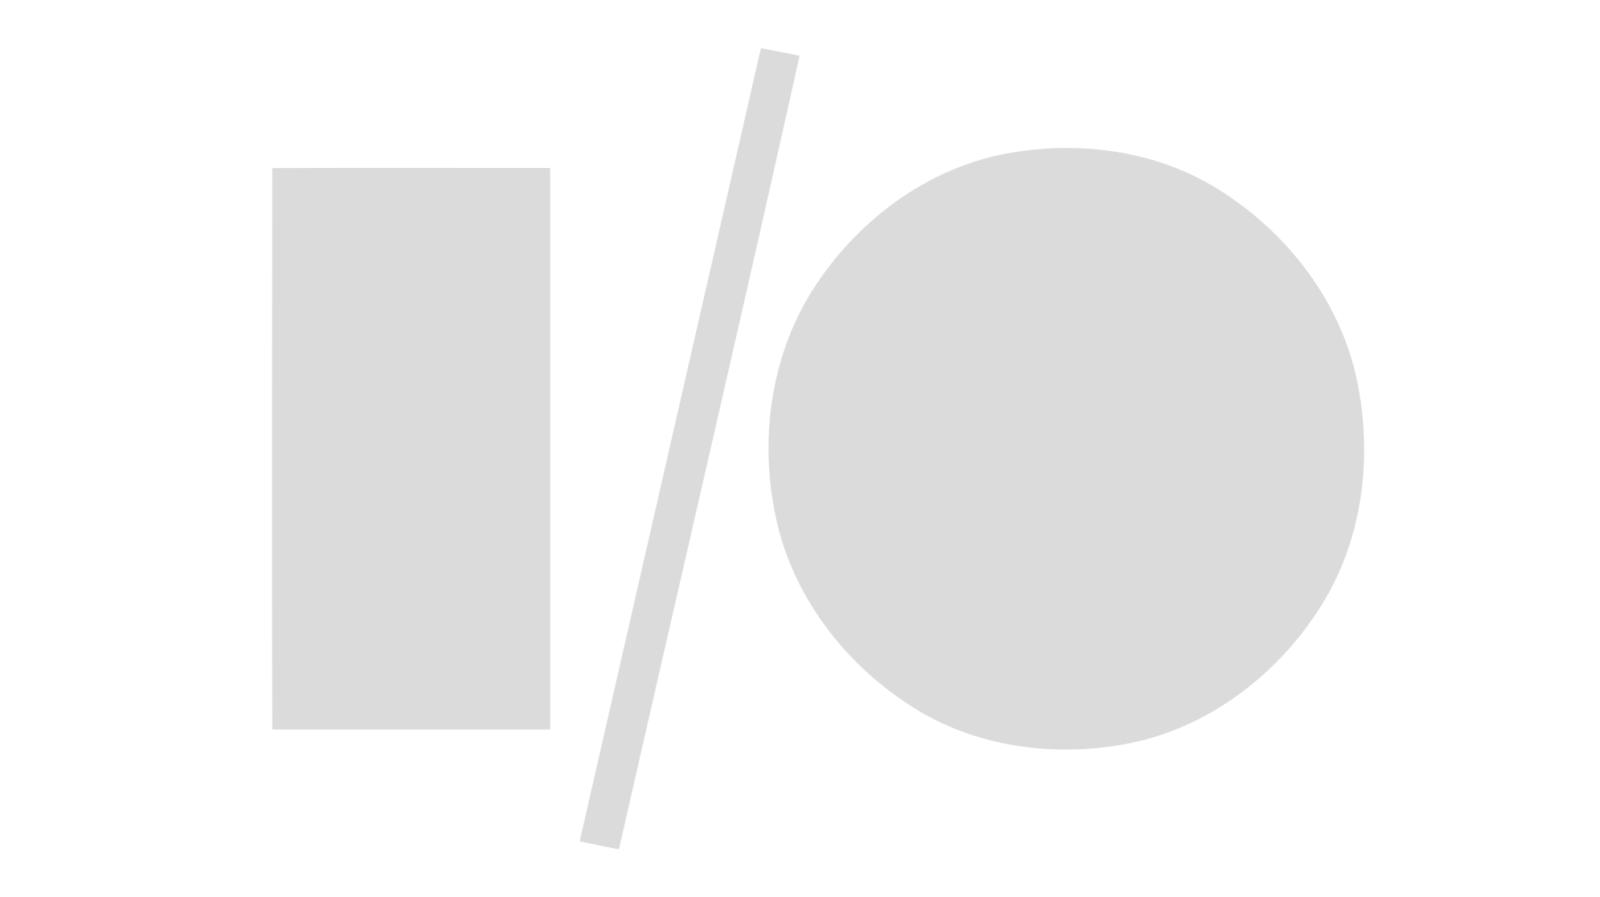 Android chrome Devs & Geeks entwickler event Google i/o